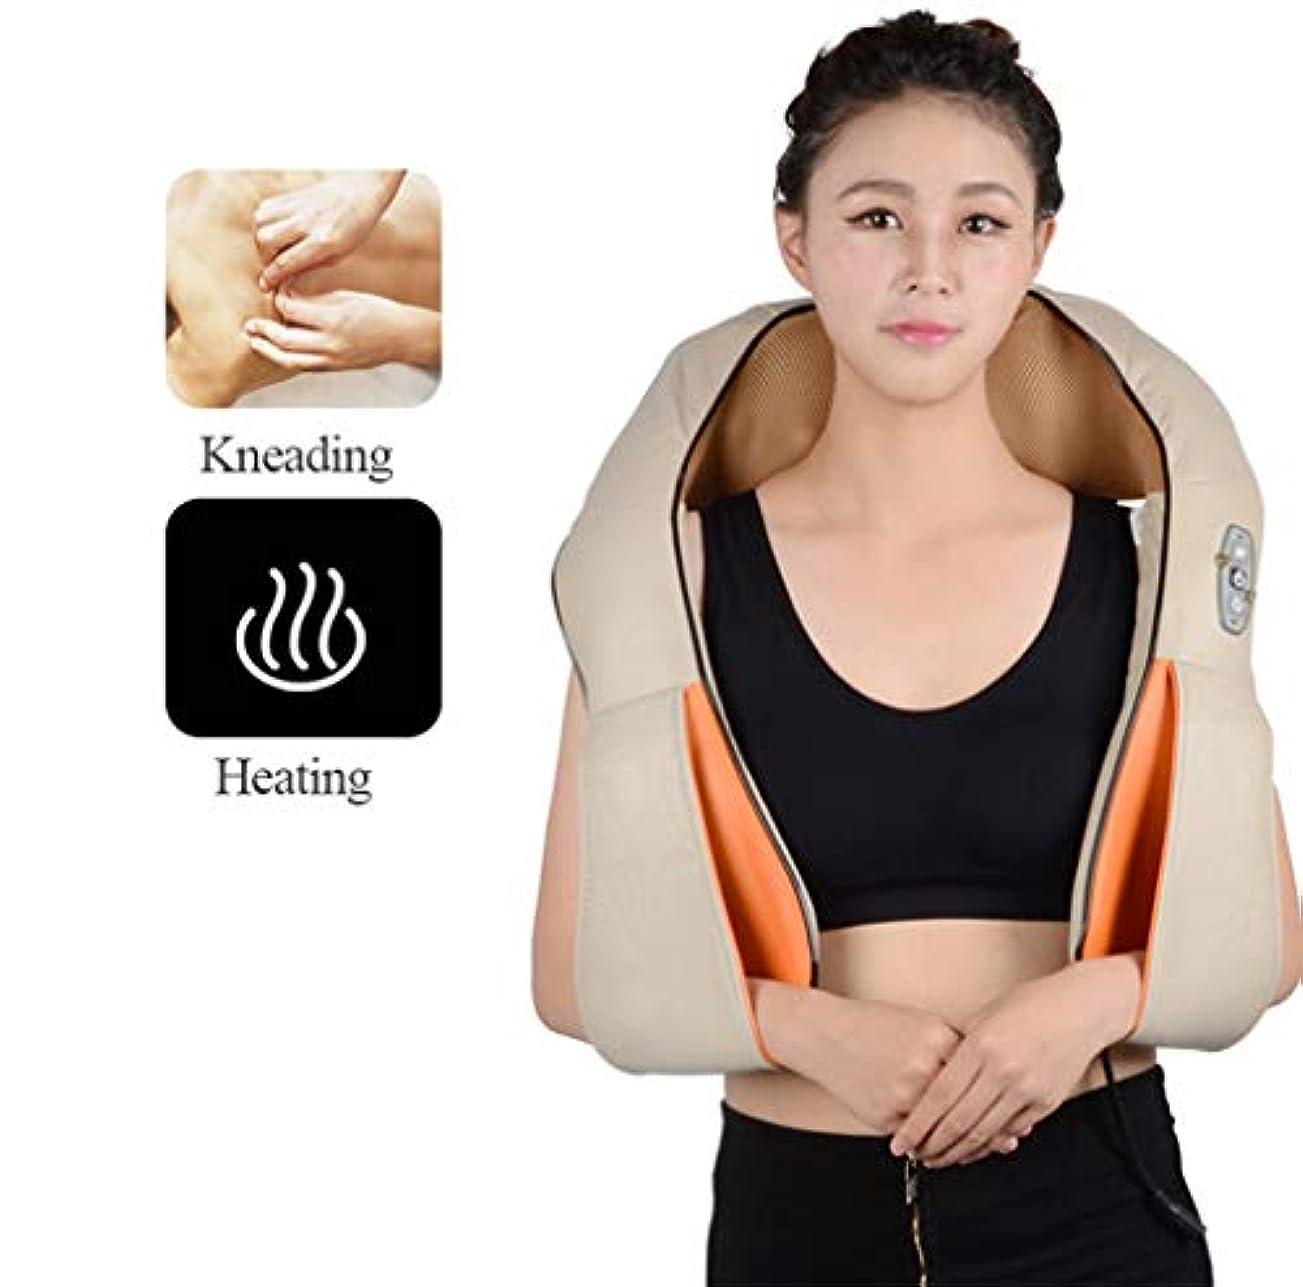 建てる受益者カプセル男性のためのギフトのための熱い - 指圧の首のマッサージャーが付いている首の肩の背中のマッサージャー女性のママのお父さん - 筋肉のための深い混練のマッサージ車のオフィスおよび家のリラックス